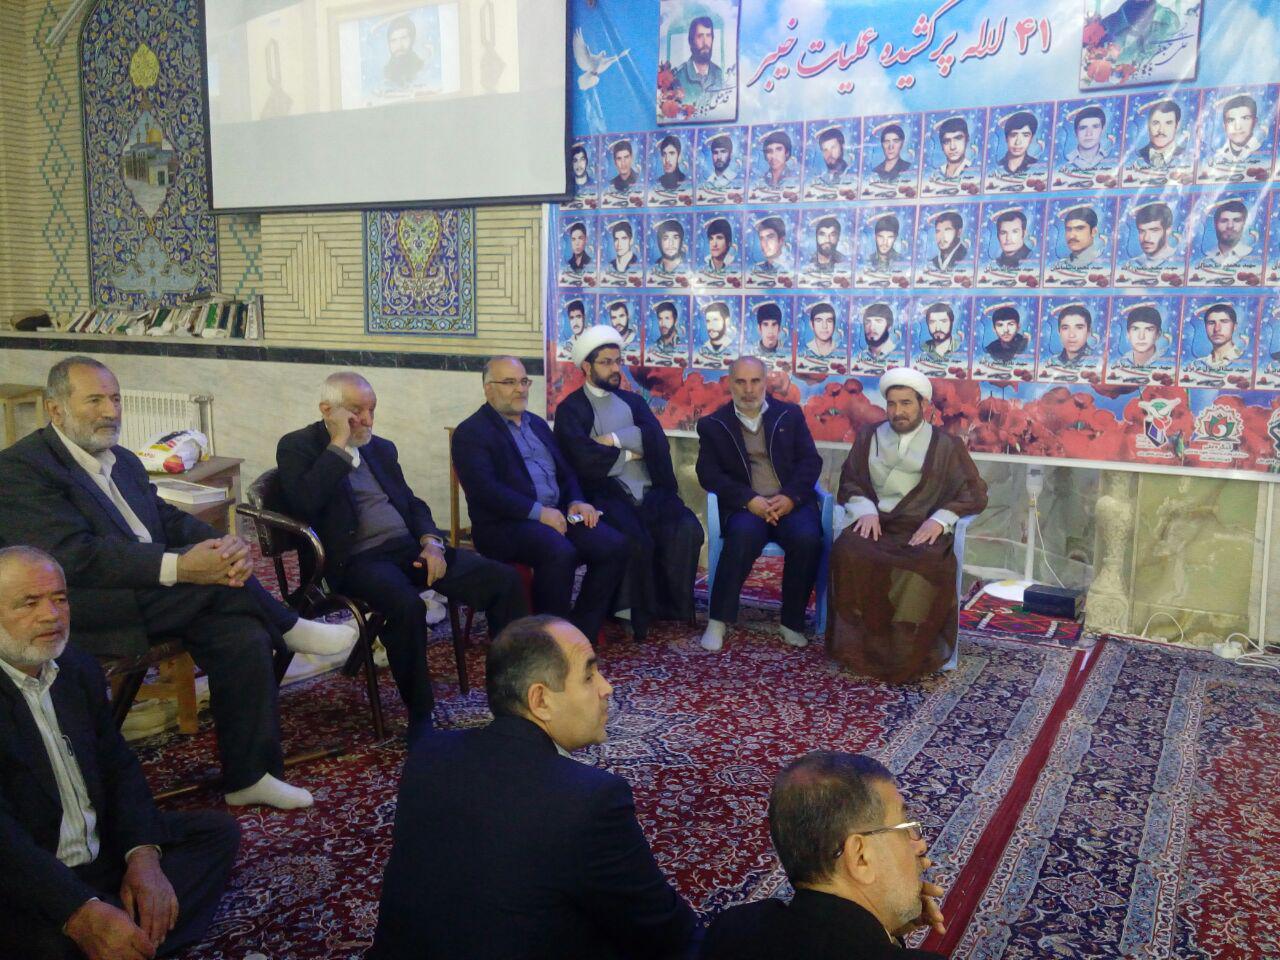 مراسم شهید ابروی محله یادبود شهید علی جعفری با حضور امام جمعه محترم شهر قهدریجان و فرماندار و بخشدا